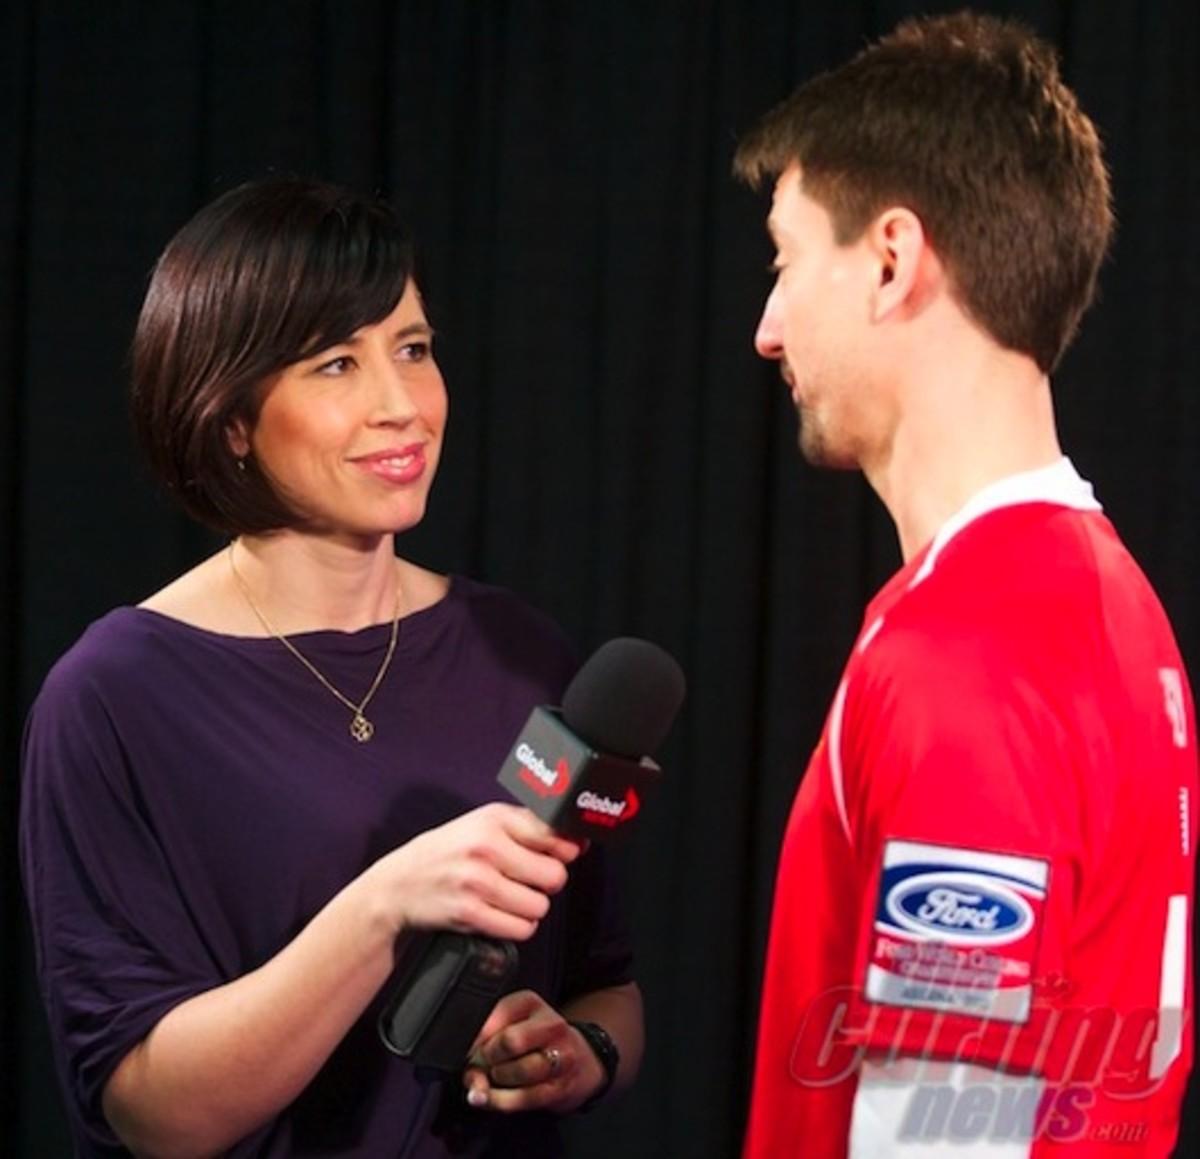 USA skip Pete Fenson and some attractive reporter